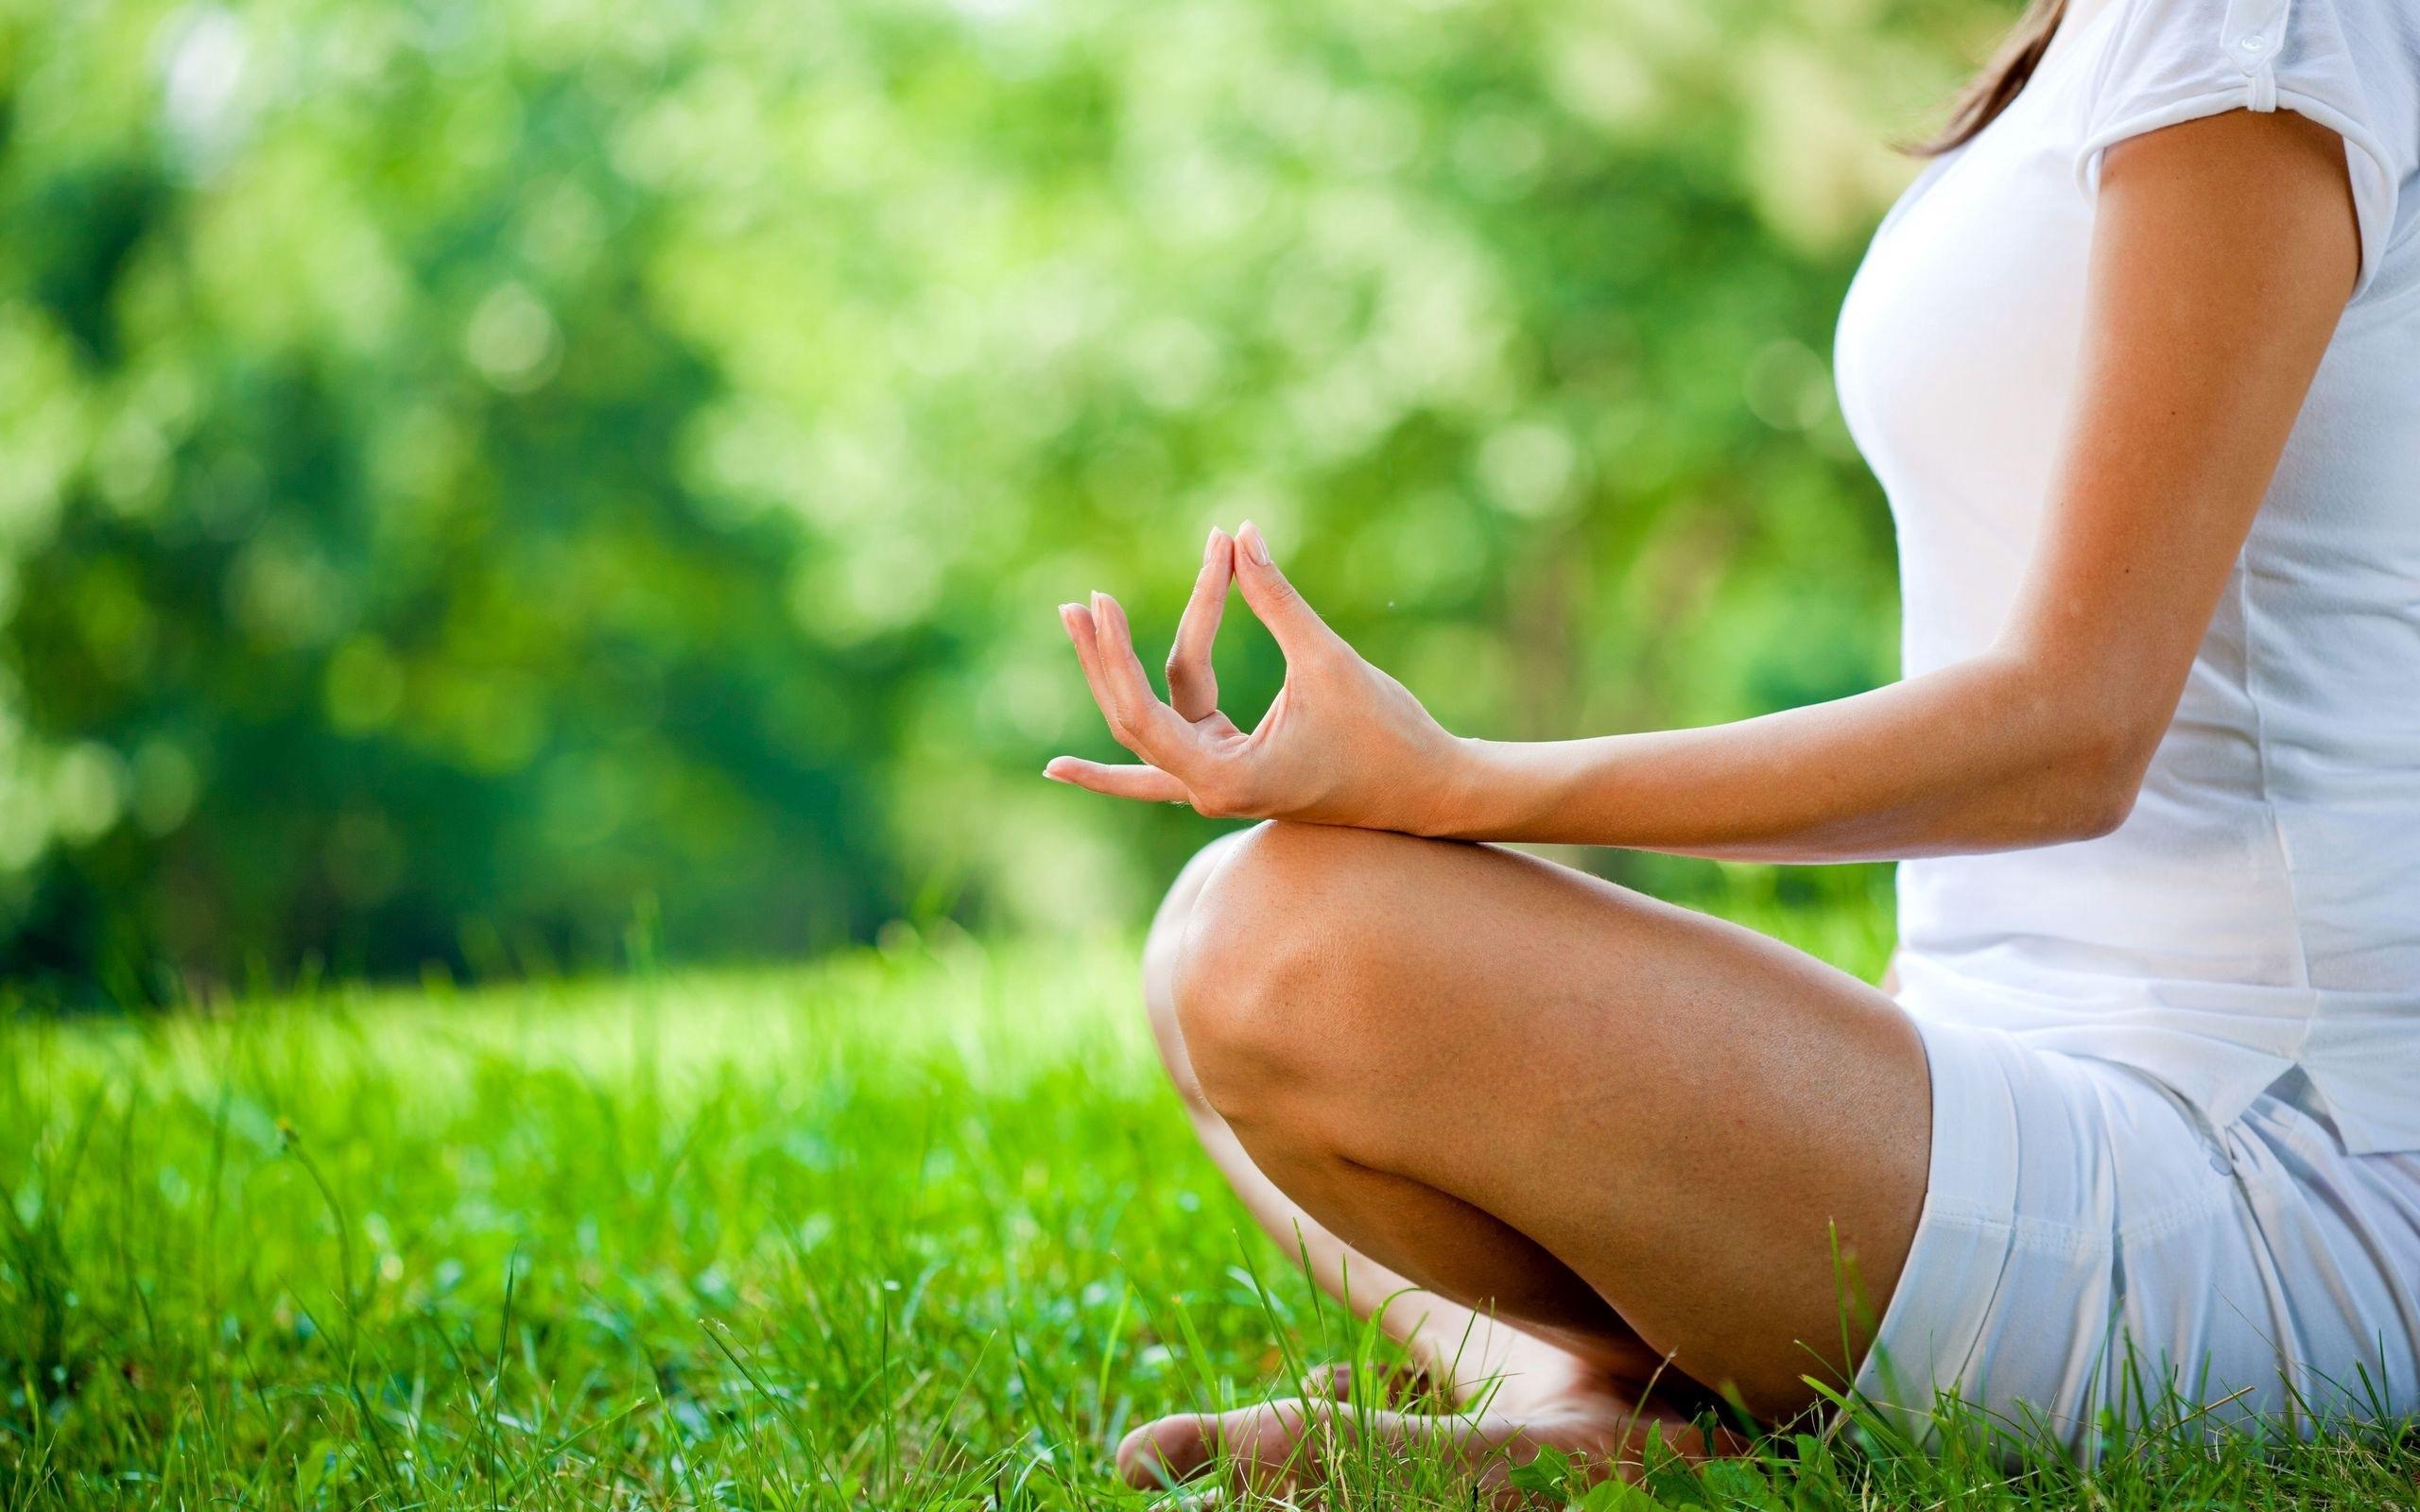 Бристольский университет открыл курс счастья. В числе домашних заданий - больше спать и медитировать